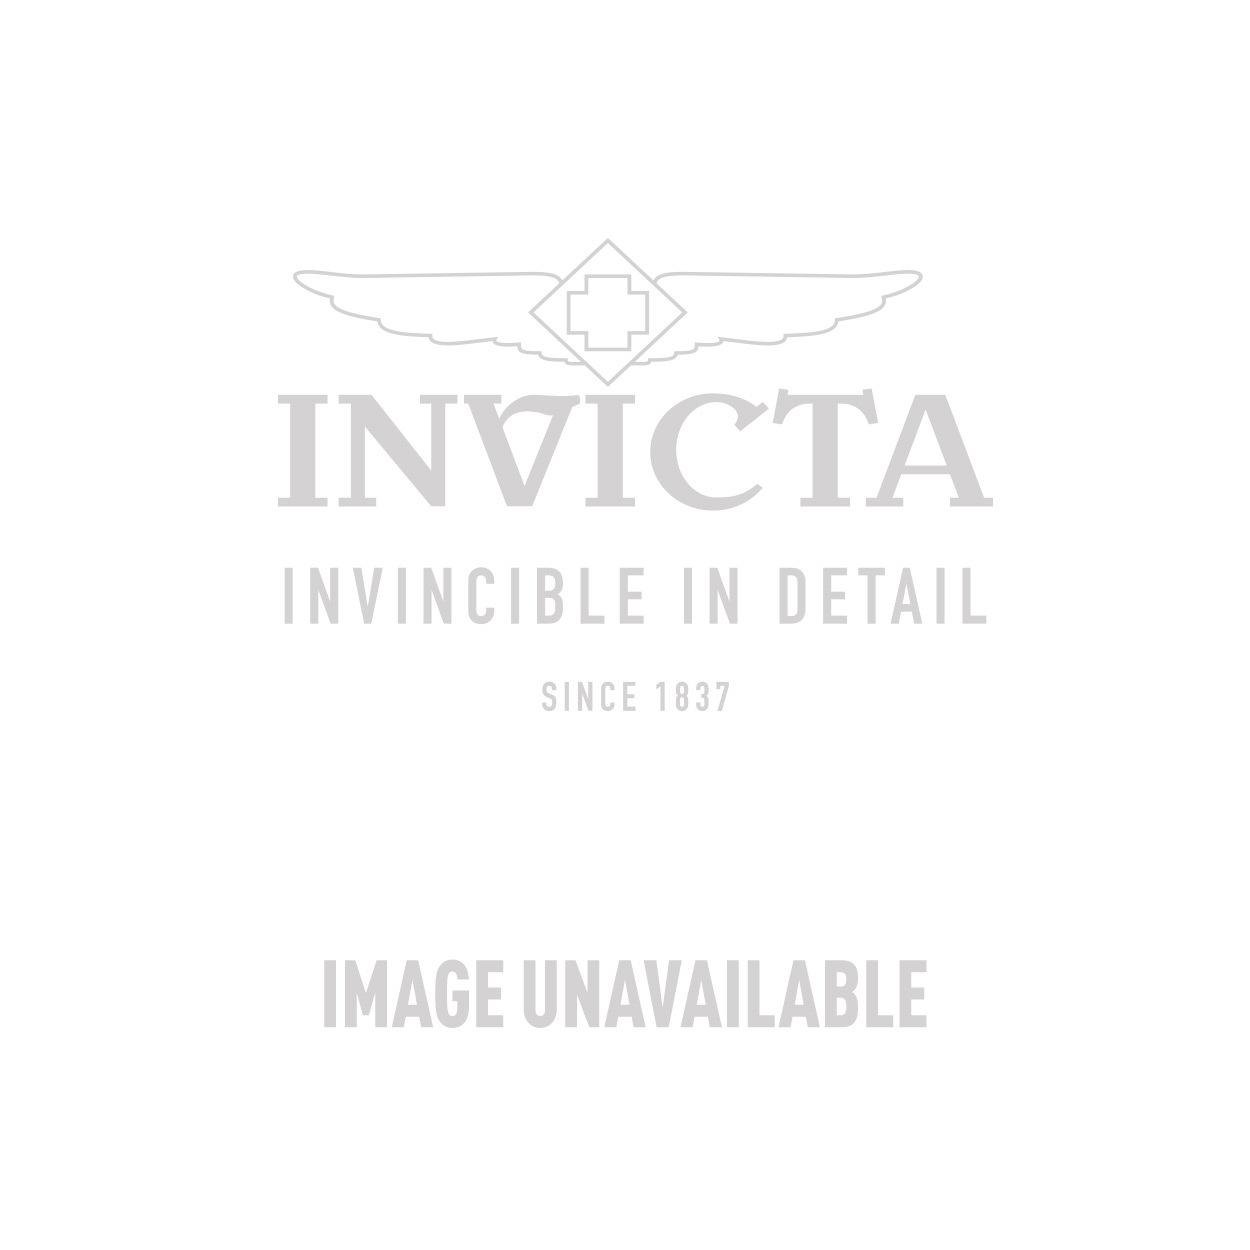 Invicta Model 25579